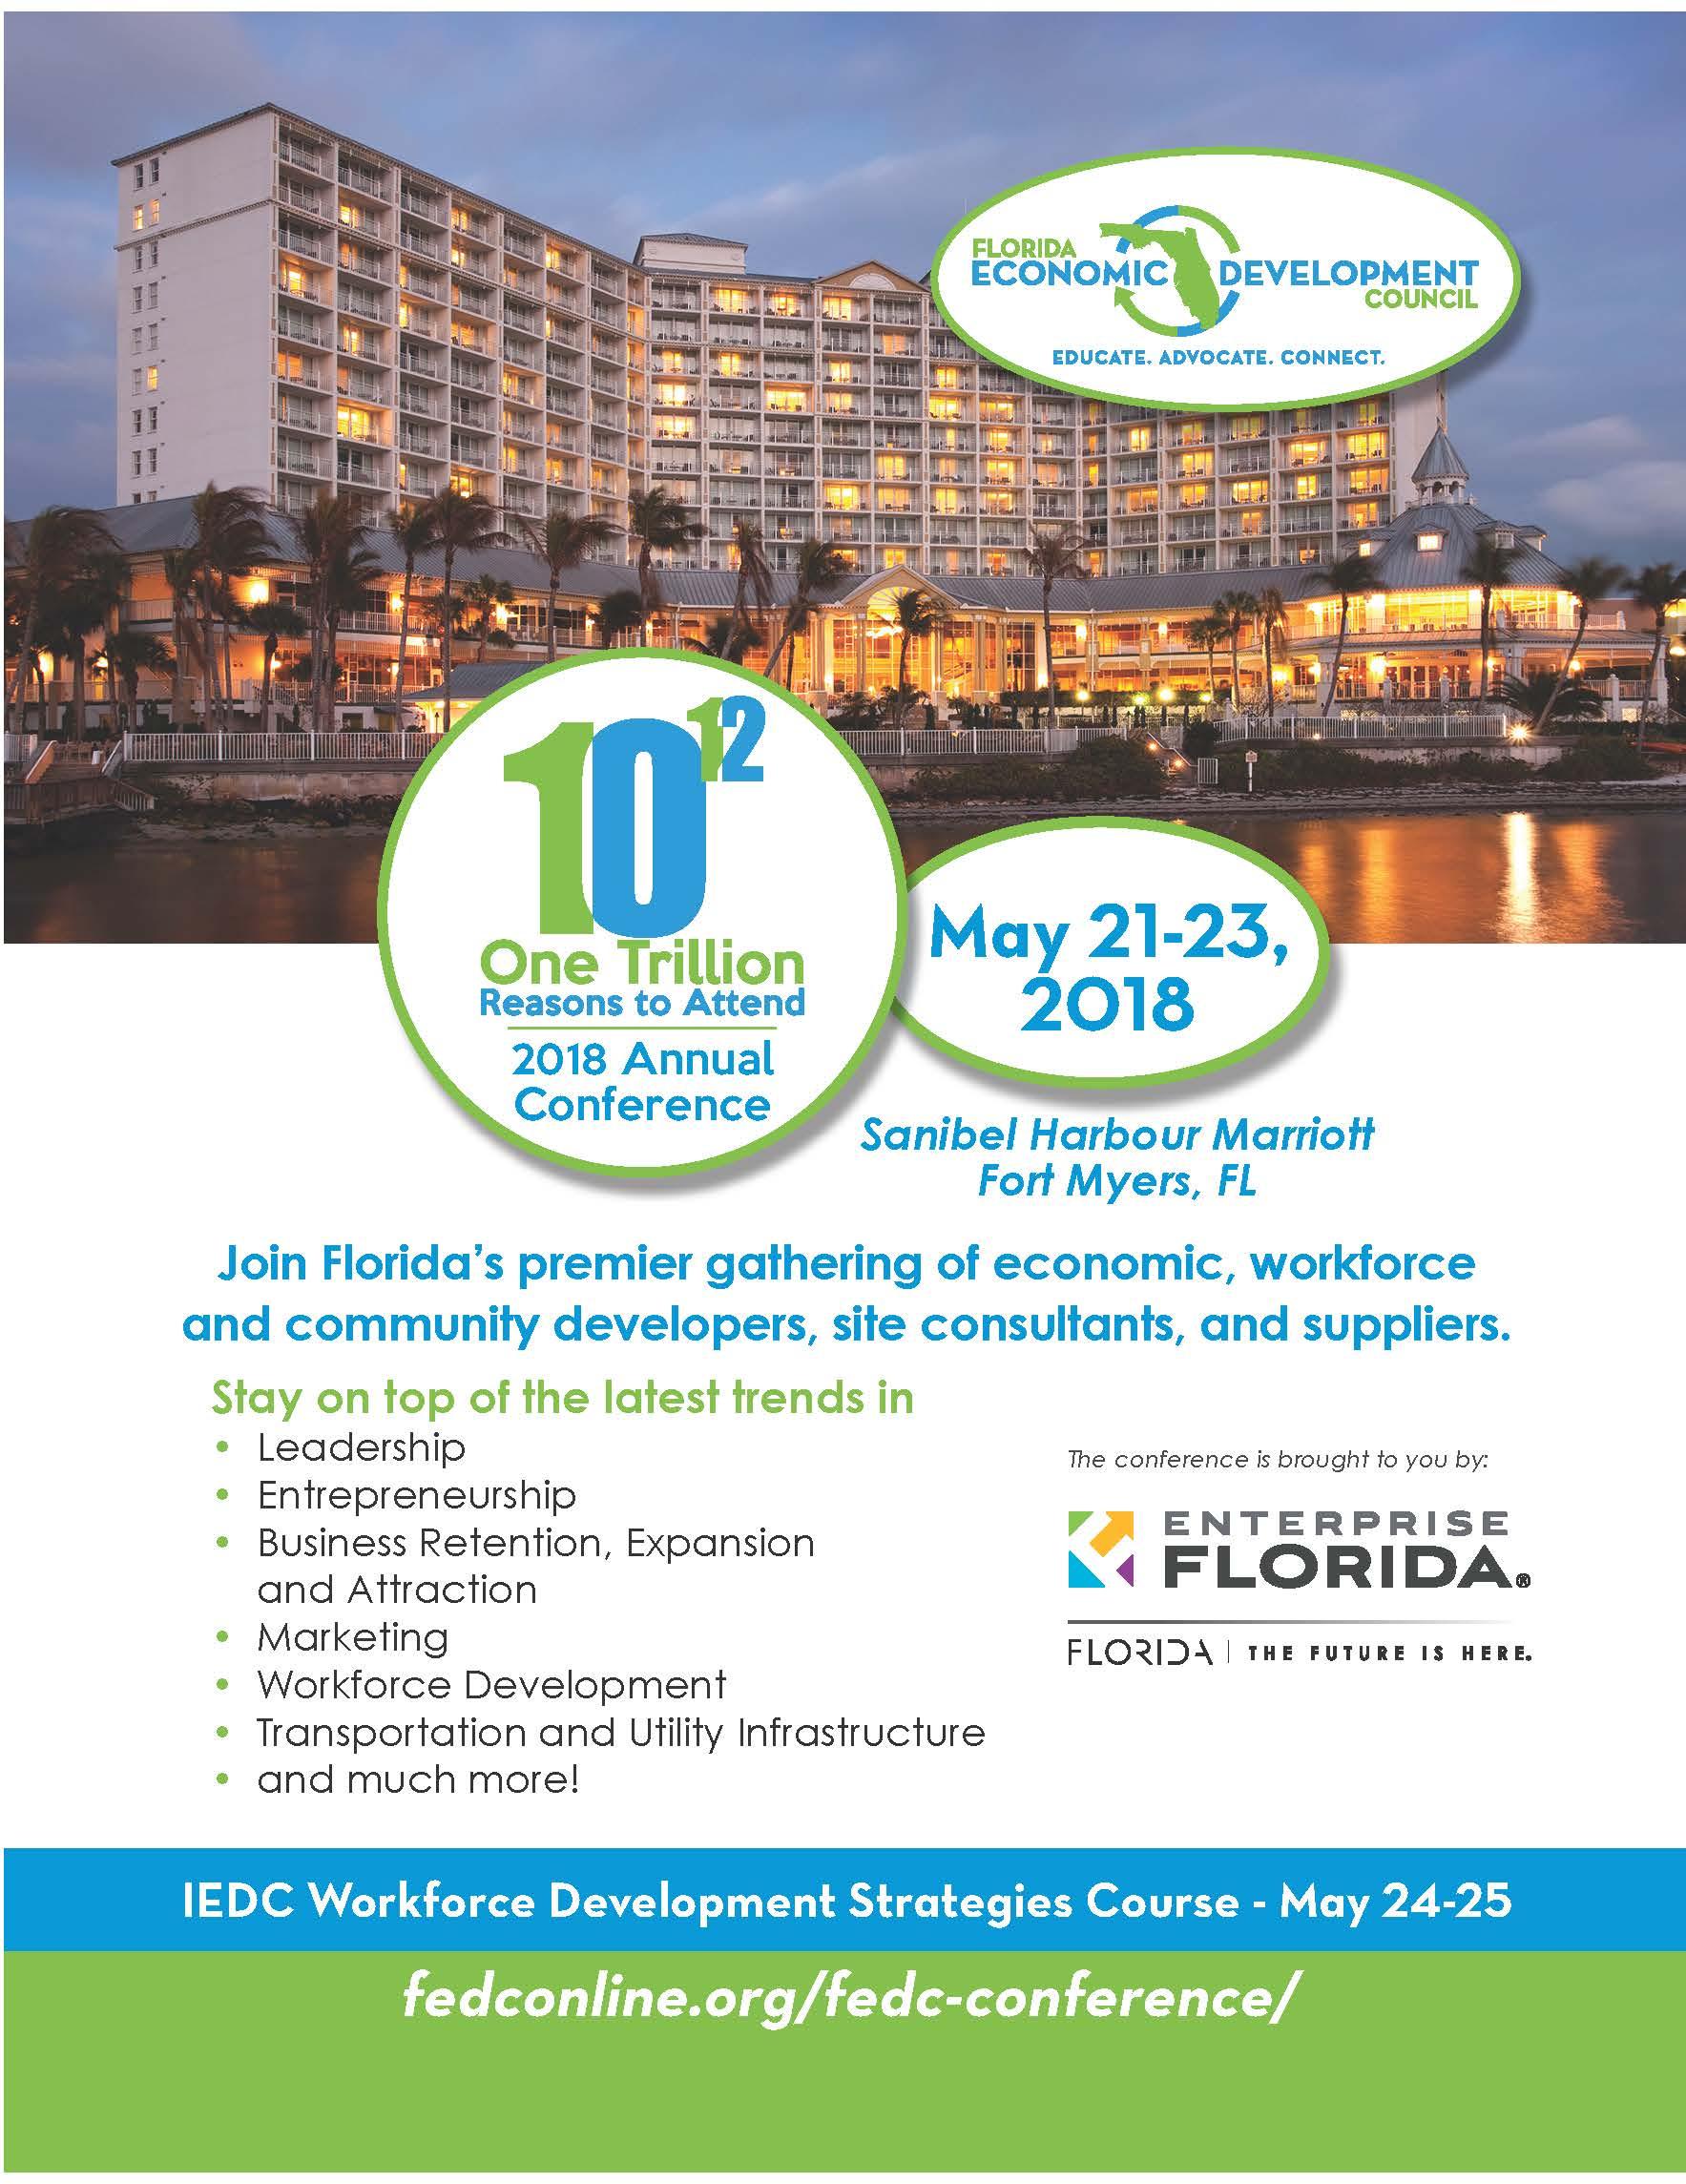 Florida Economic Development Council Conference